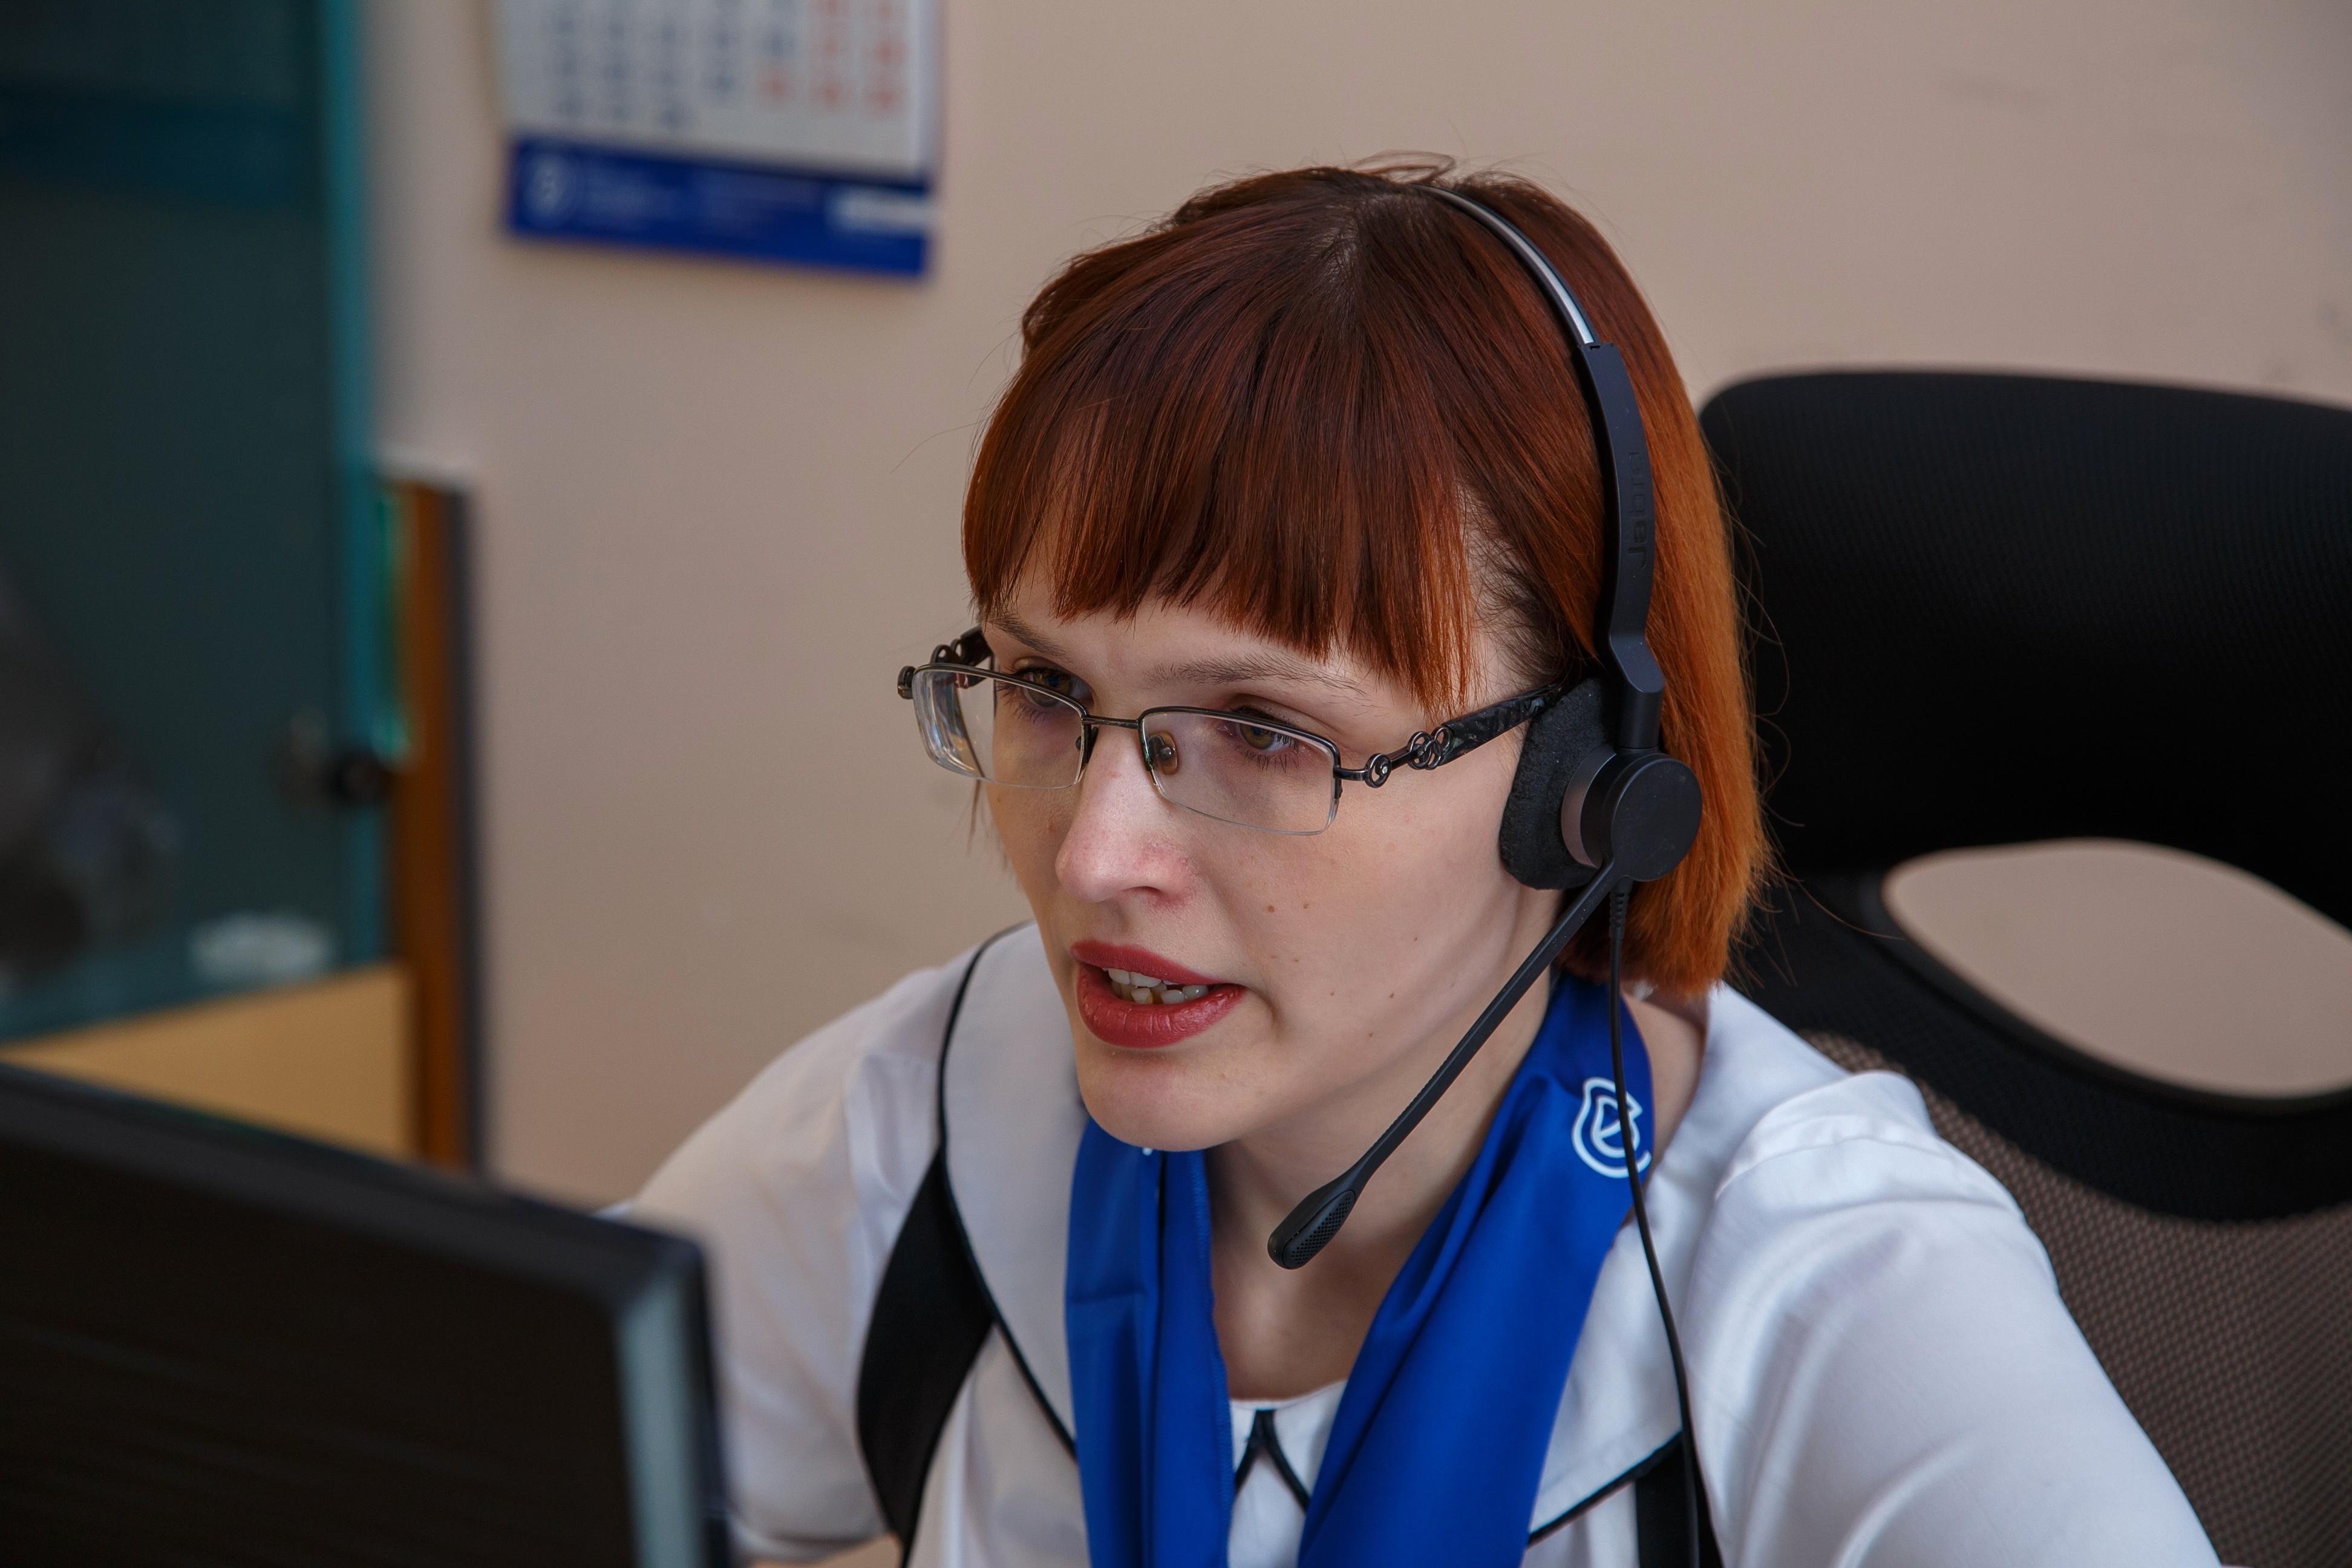 В новогодние каникулы томичи чаще всего интересовались режимом работы больниц